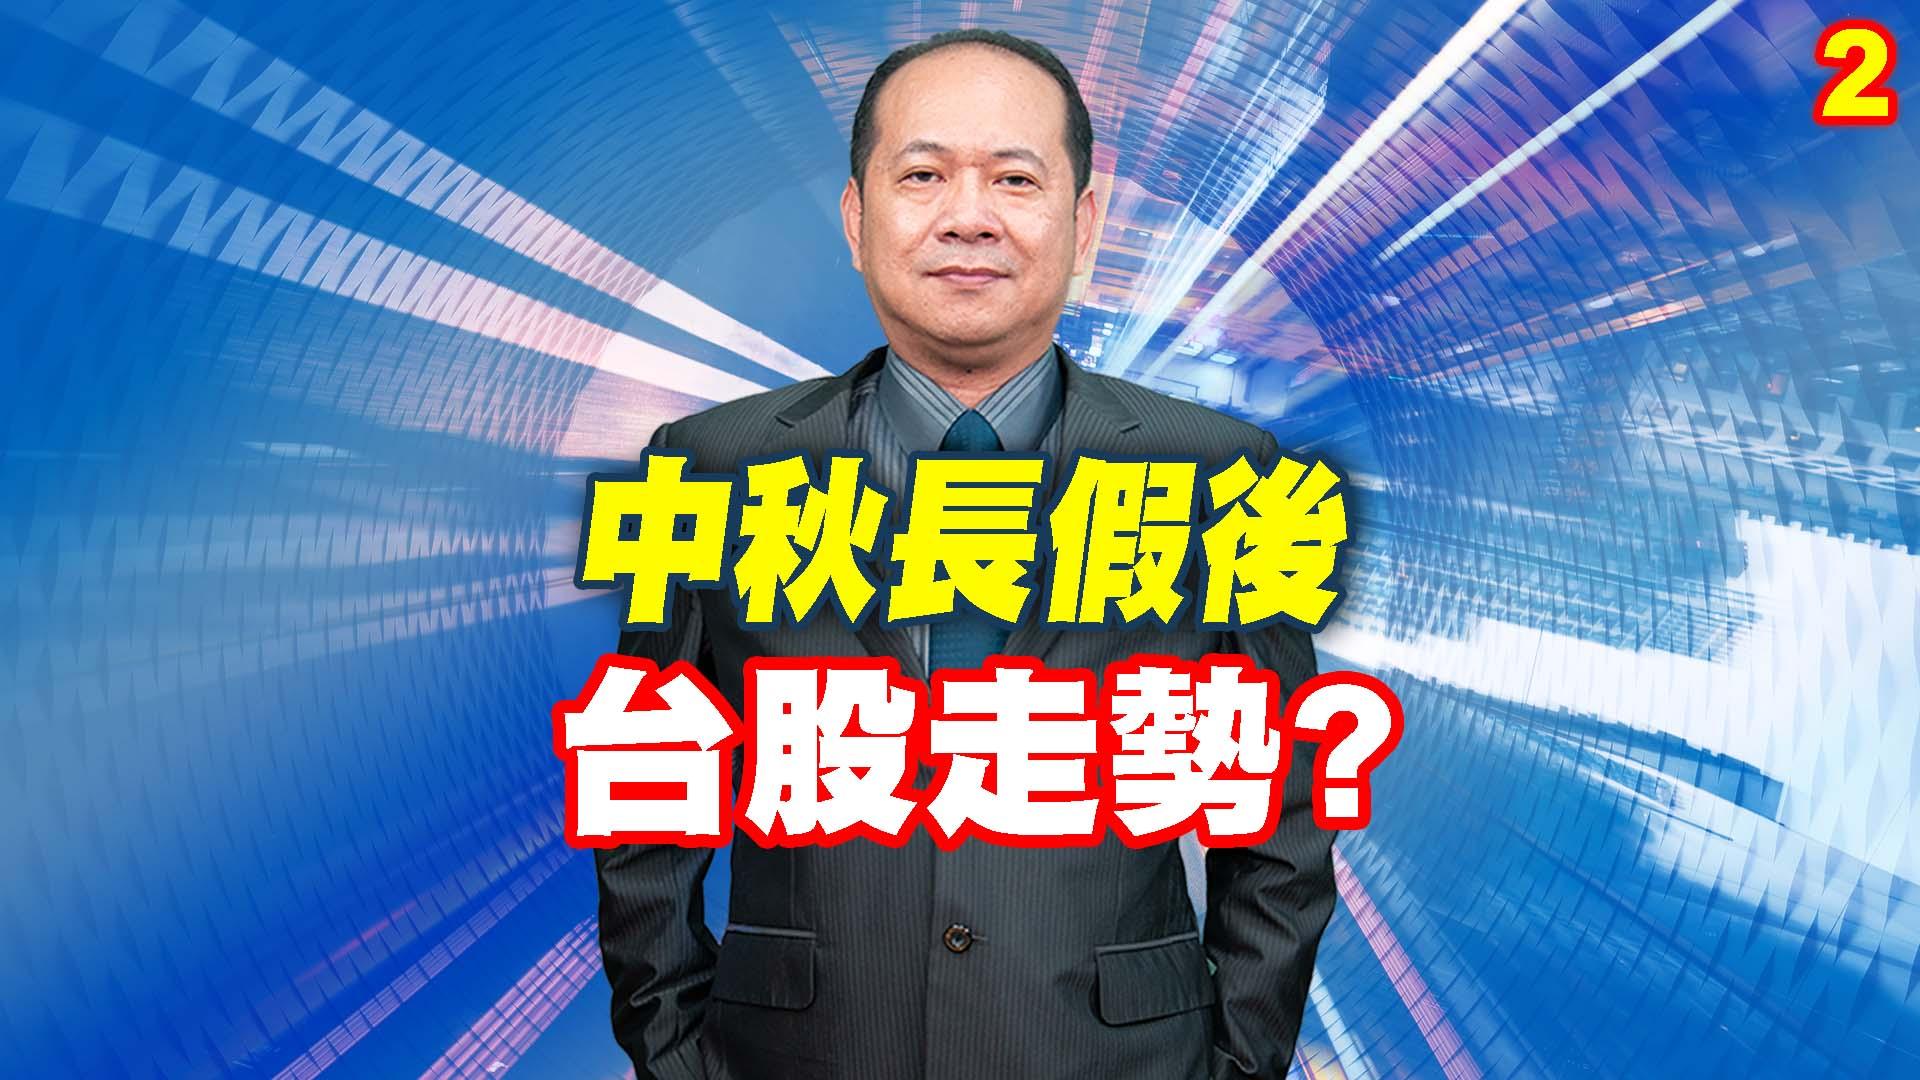 0917_中秋長假後 台股走勢?(2)